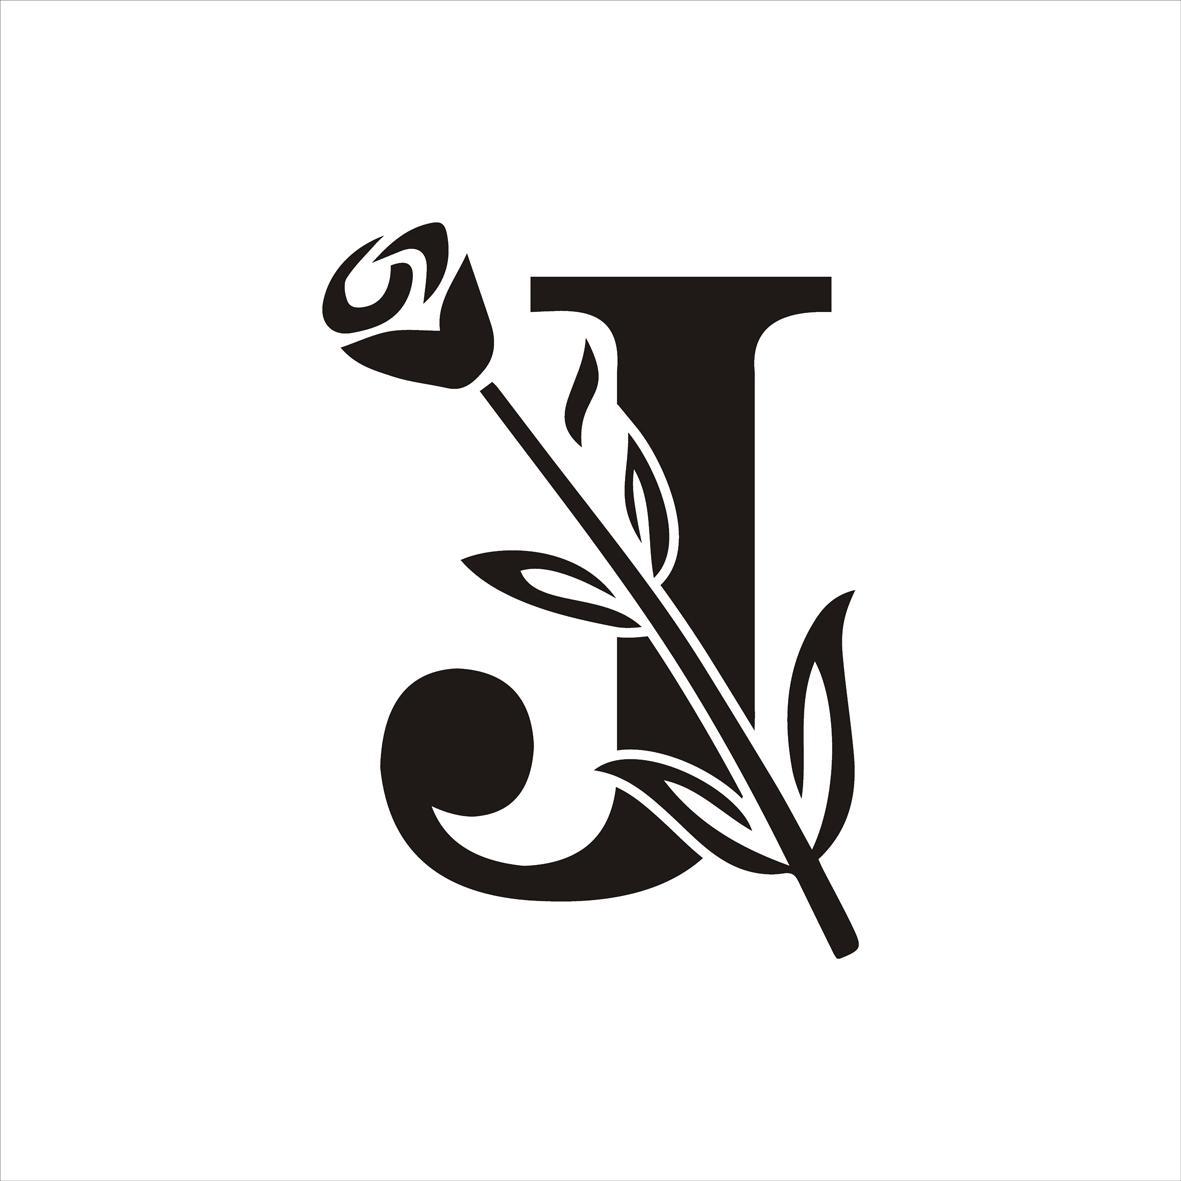 18类-箱包皮具J商标转让